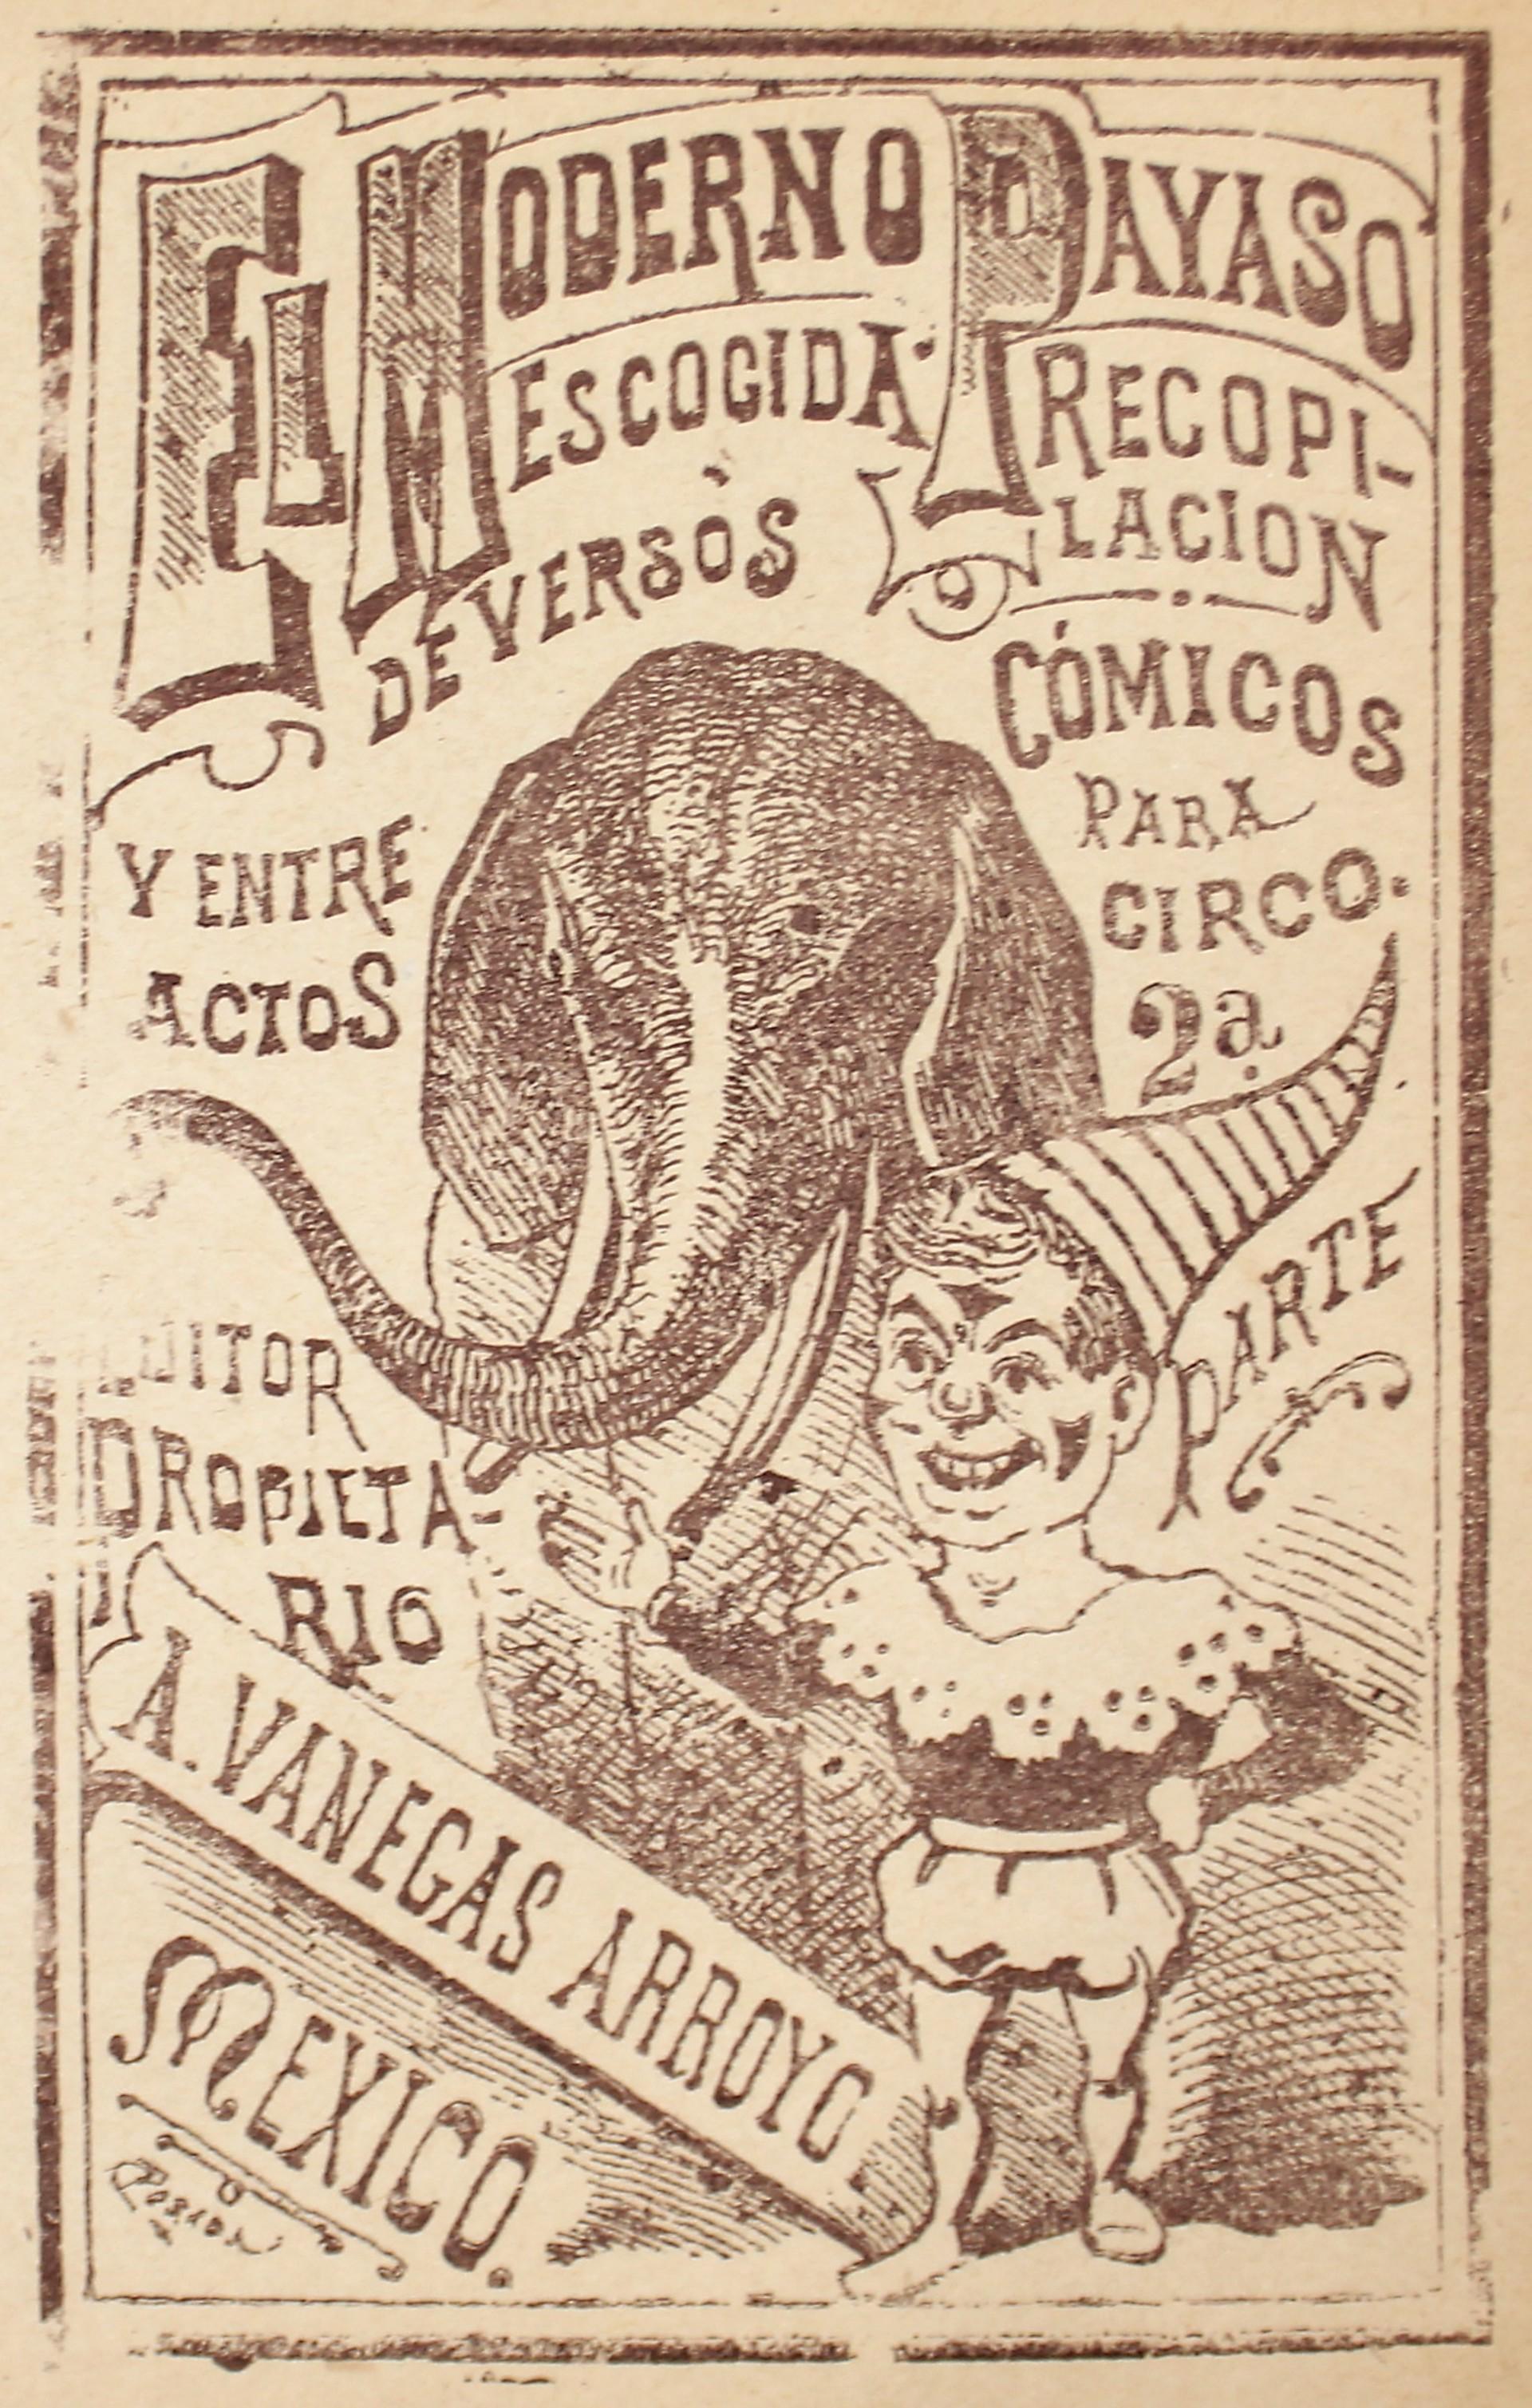 El Moderno Payaso by José Guadalupe Posada (1852 - 1913)